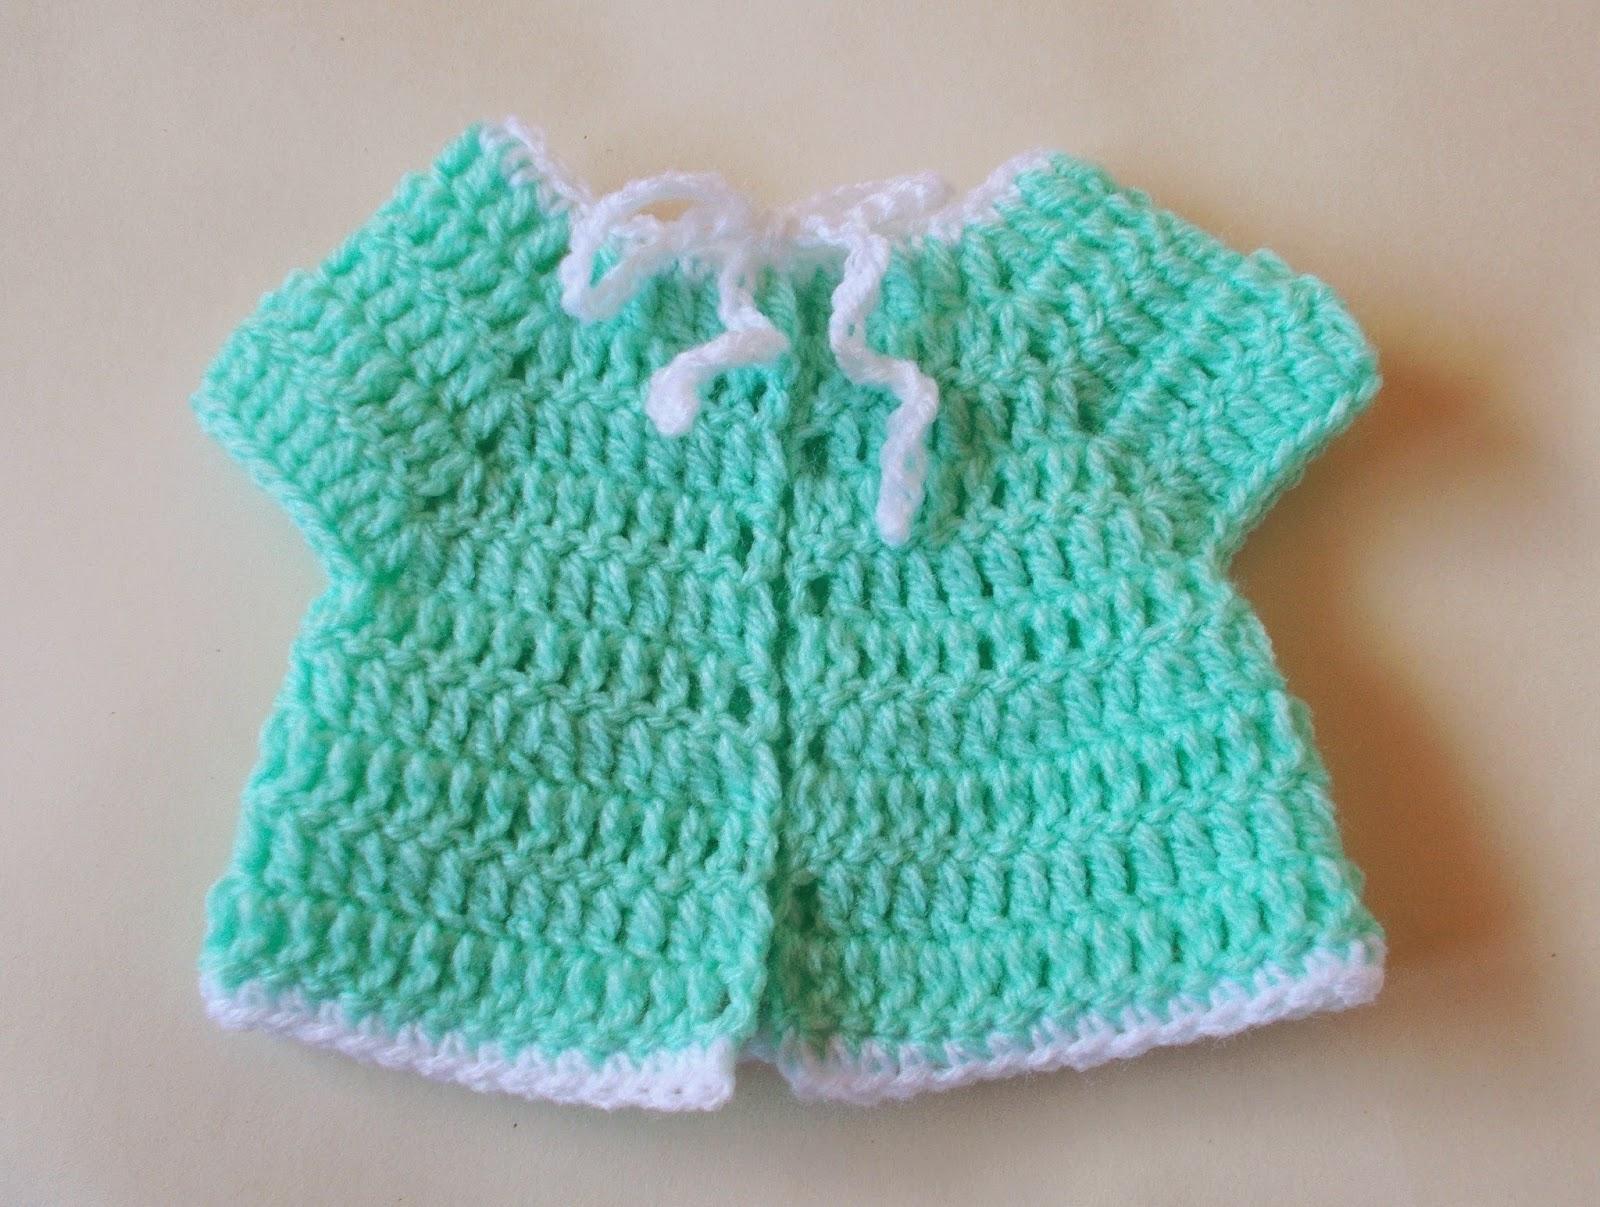 Marianna s Lazy Daisy Days Premature Baby Crochet Baby Jacket